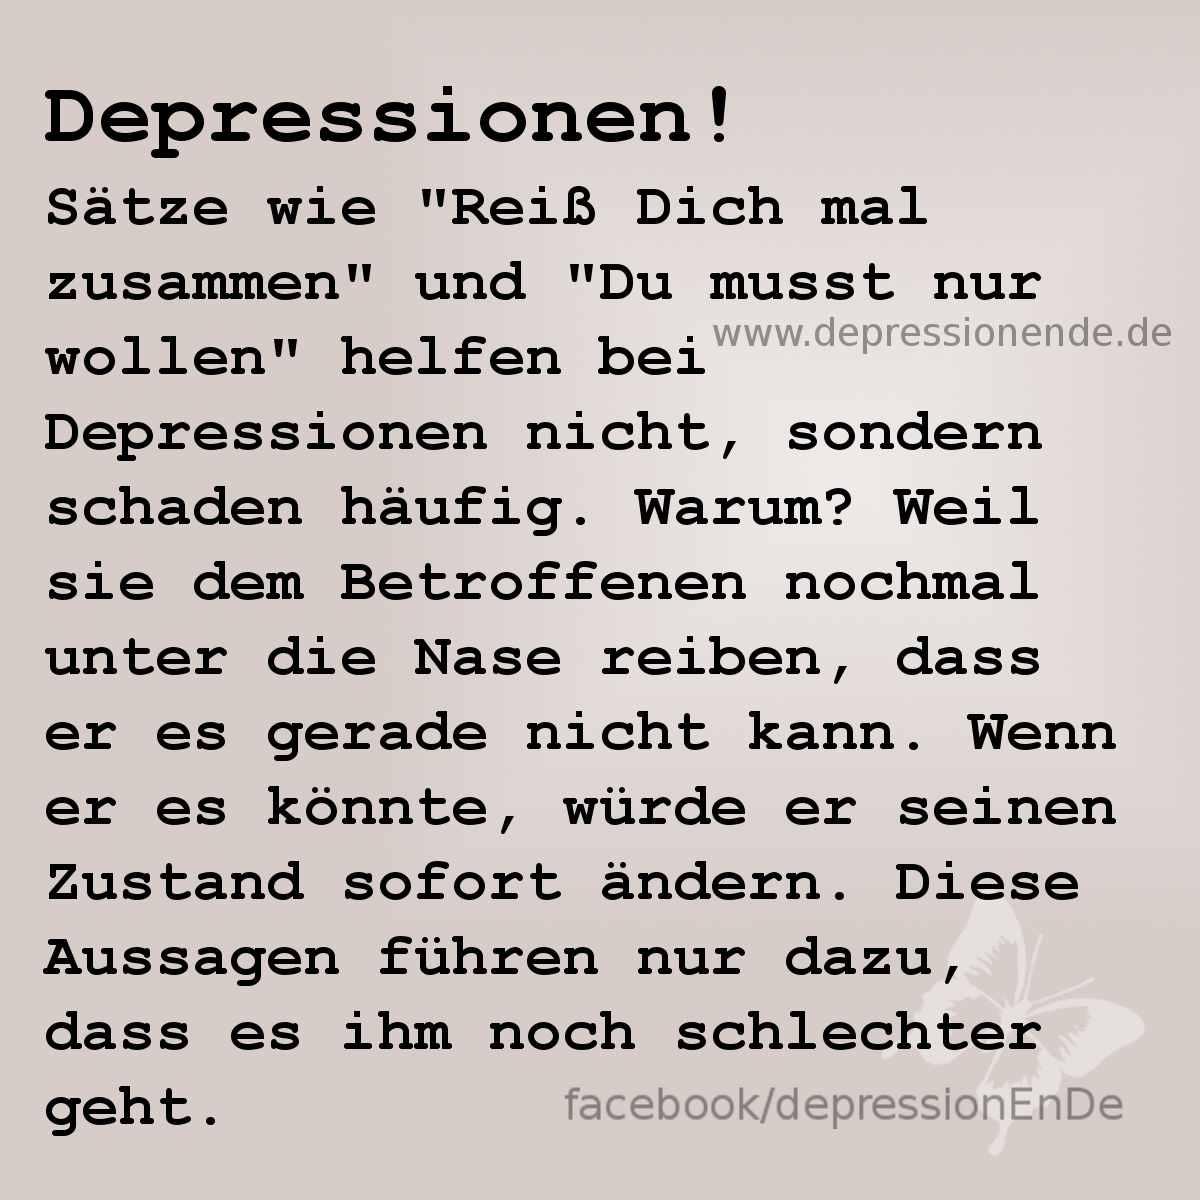 Depressionen! Sätze wie